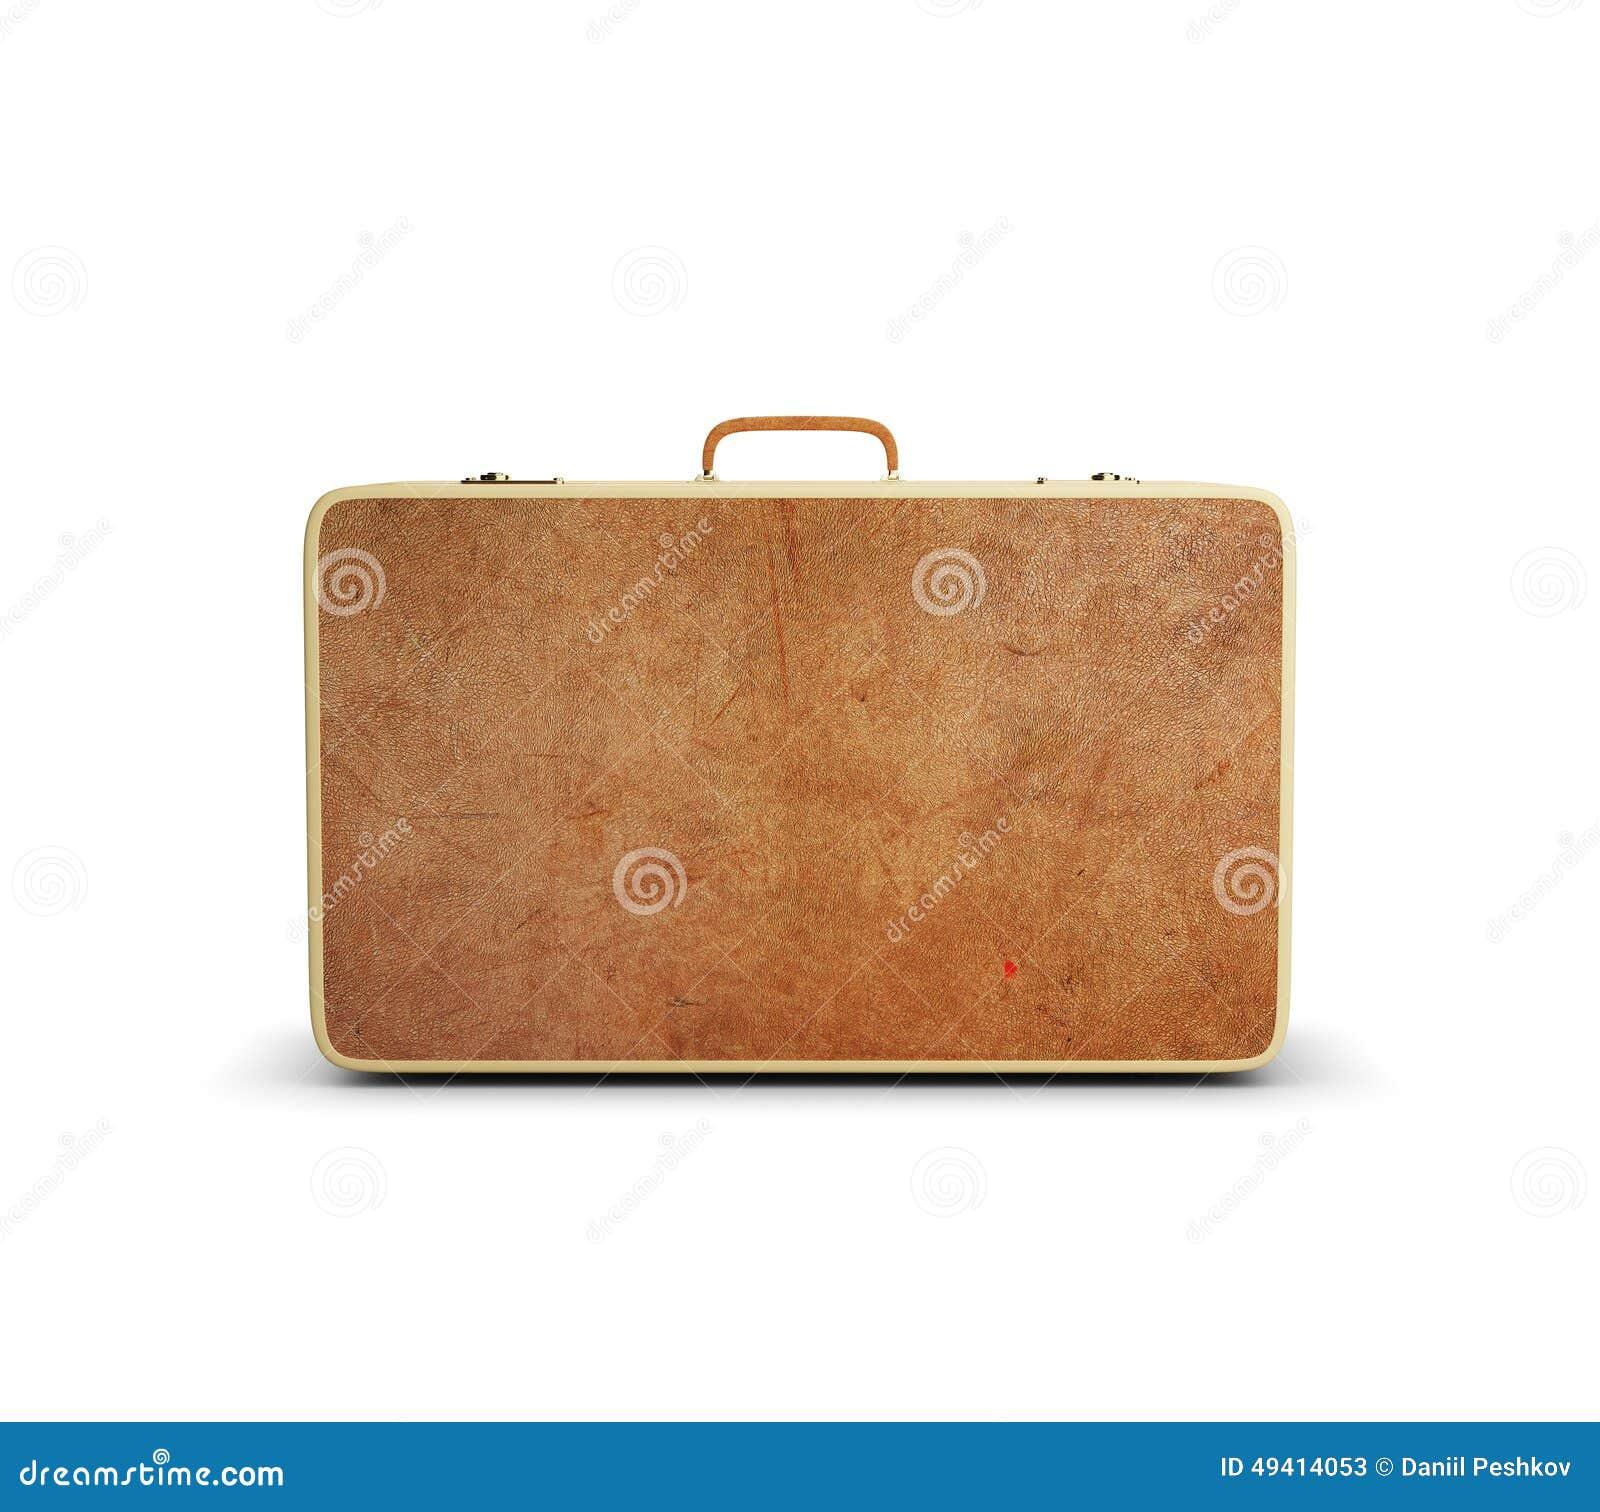 Download Lederner großer Koffer stockbild. Bild von retro, eleganz - 49414053